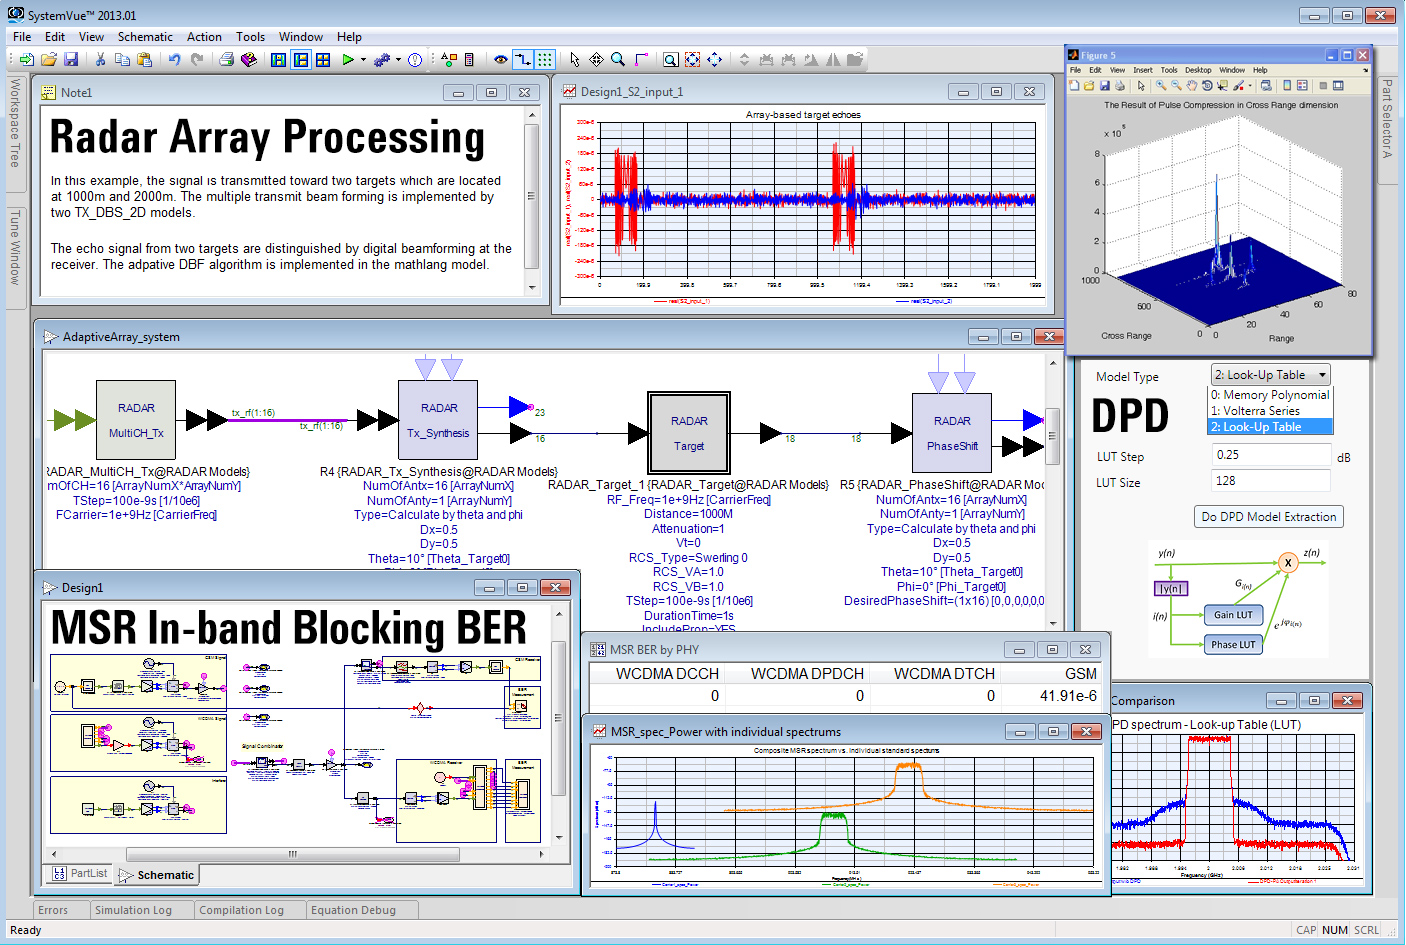 Последняя версия САПР Agilent Technologies SystemVue ускоряет проектирование MIMO РЛС и LTE-устройств